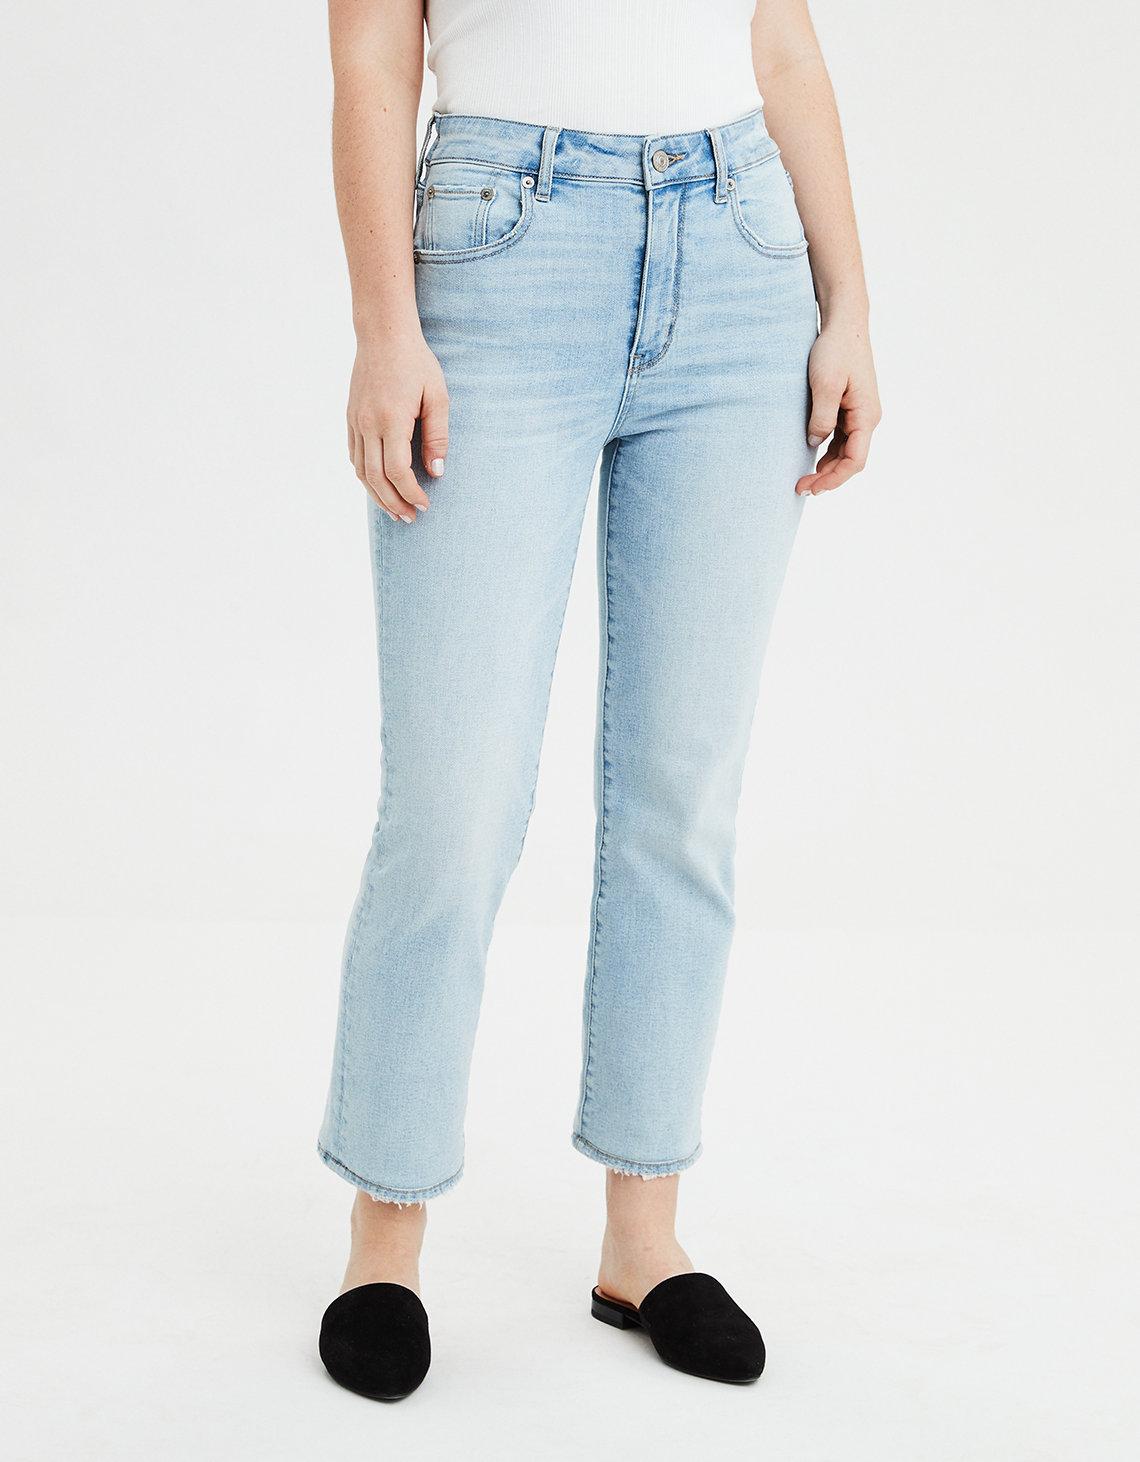 977e2db0e Super High-Waisted Slim Straight Crop Jean